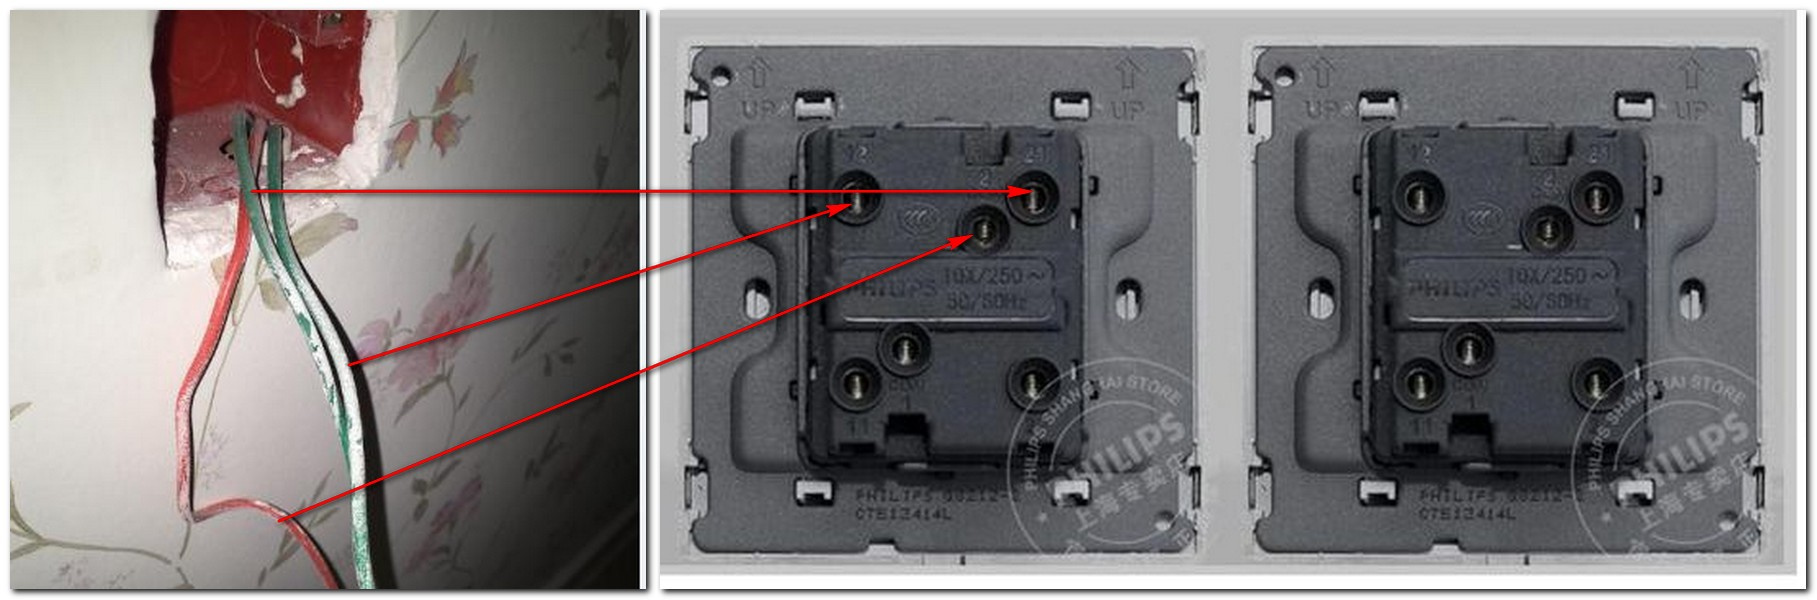 双开双控开关怎么接线 一个线槽有两根红线 两根黄线